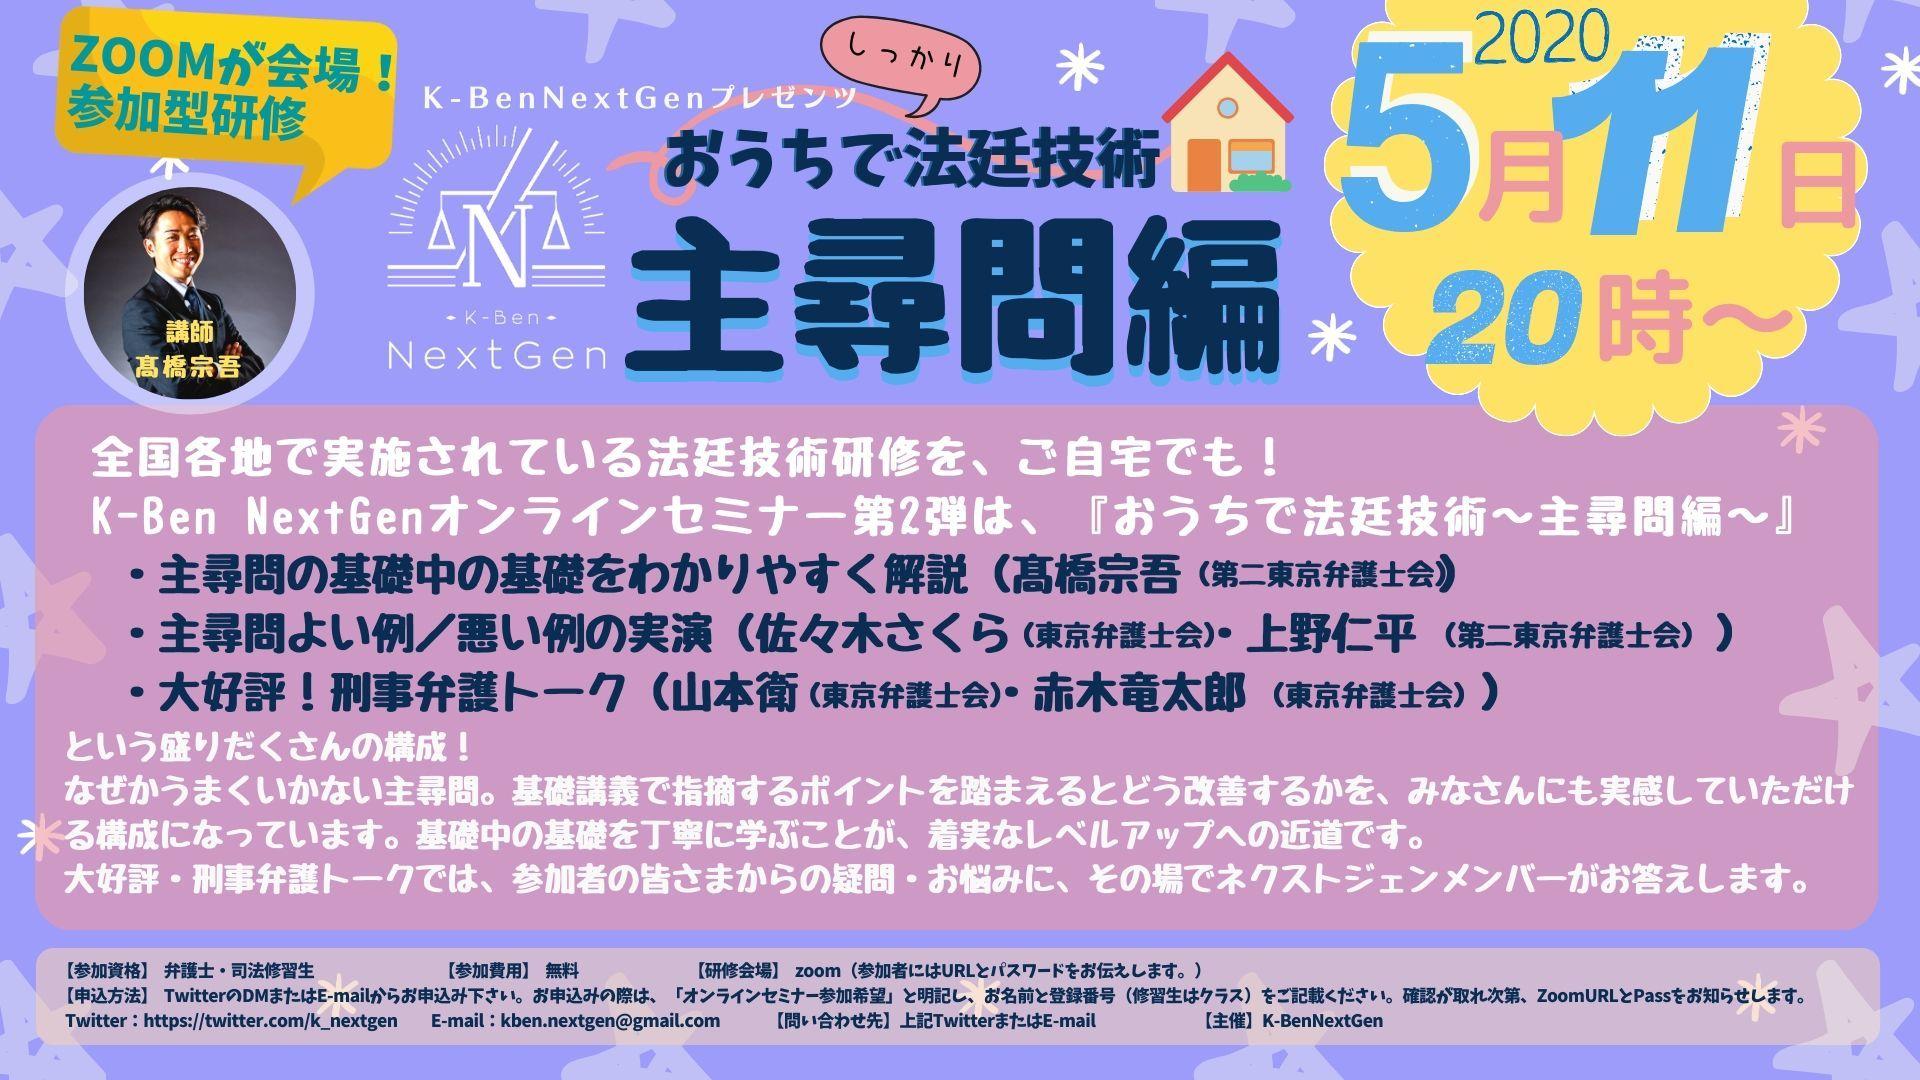 5月11日 オンラインセミナー開催